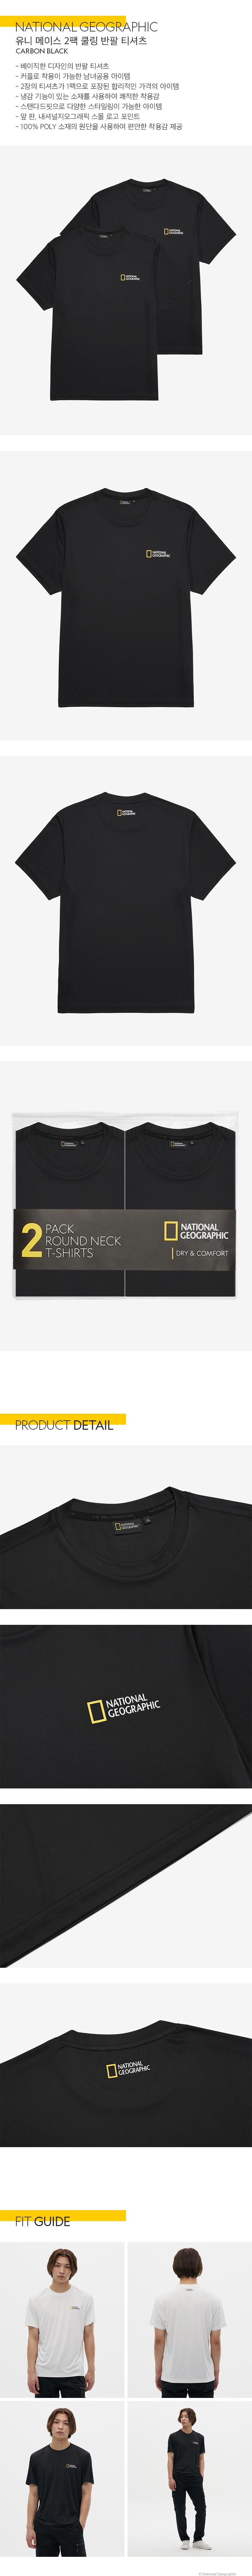 내셔널지오그래픽(NATIONALGEOGRAPHIC) N215UPA910 유니 메이스 2PACK 쿨링 반팔 티셔츠 CARBON BLACK